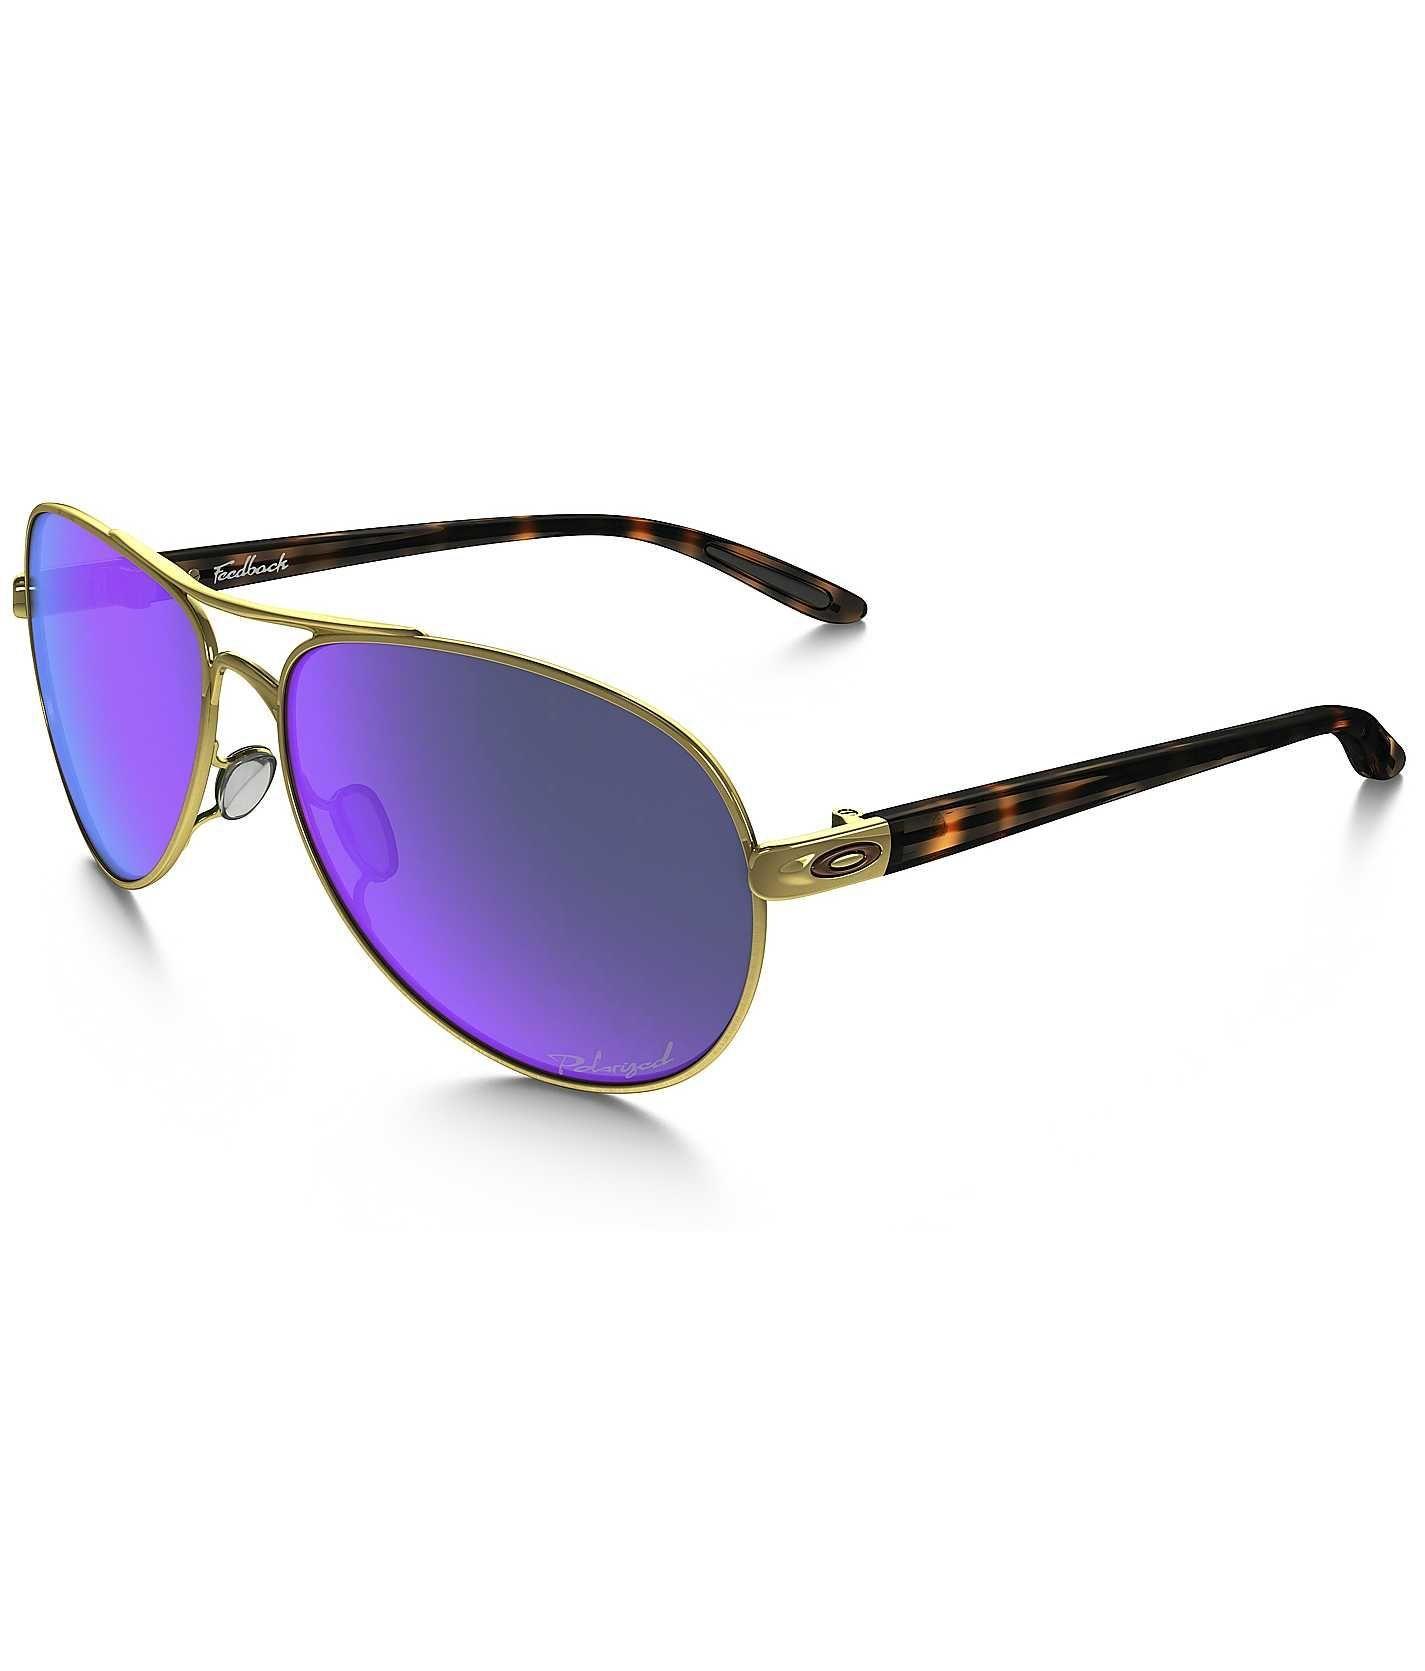 aef0ffad3cd Oakley Feedback Sunglasses - Womens Accessories